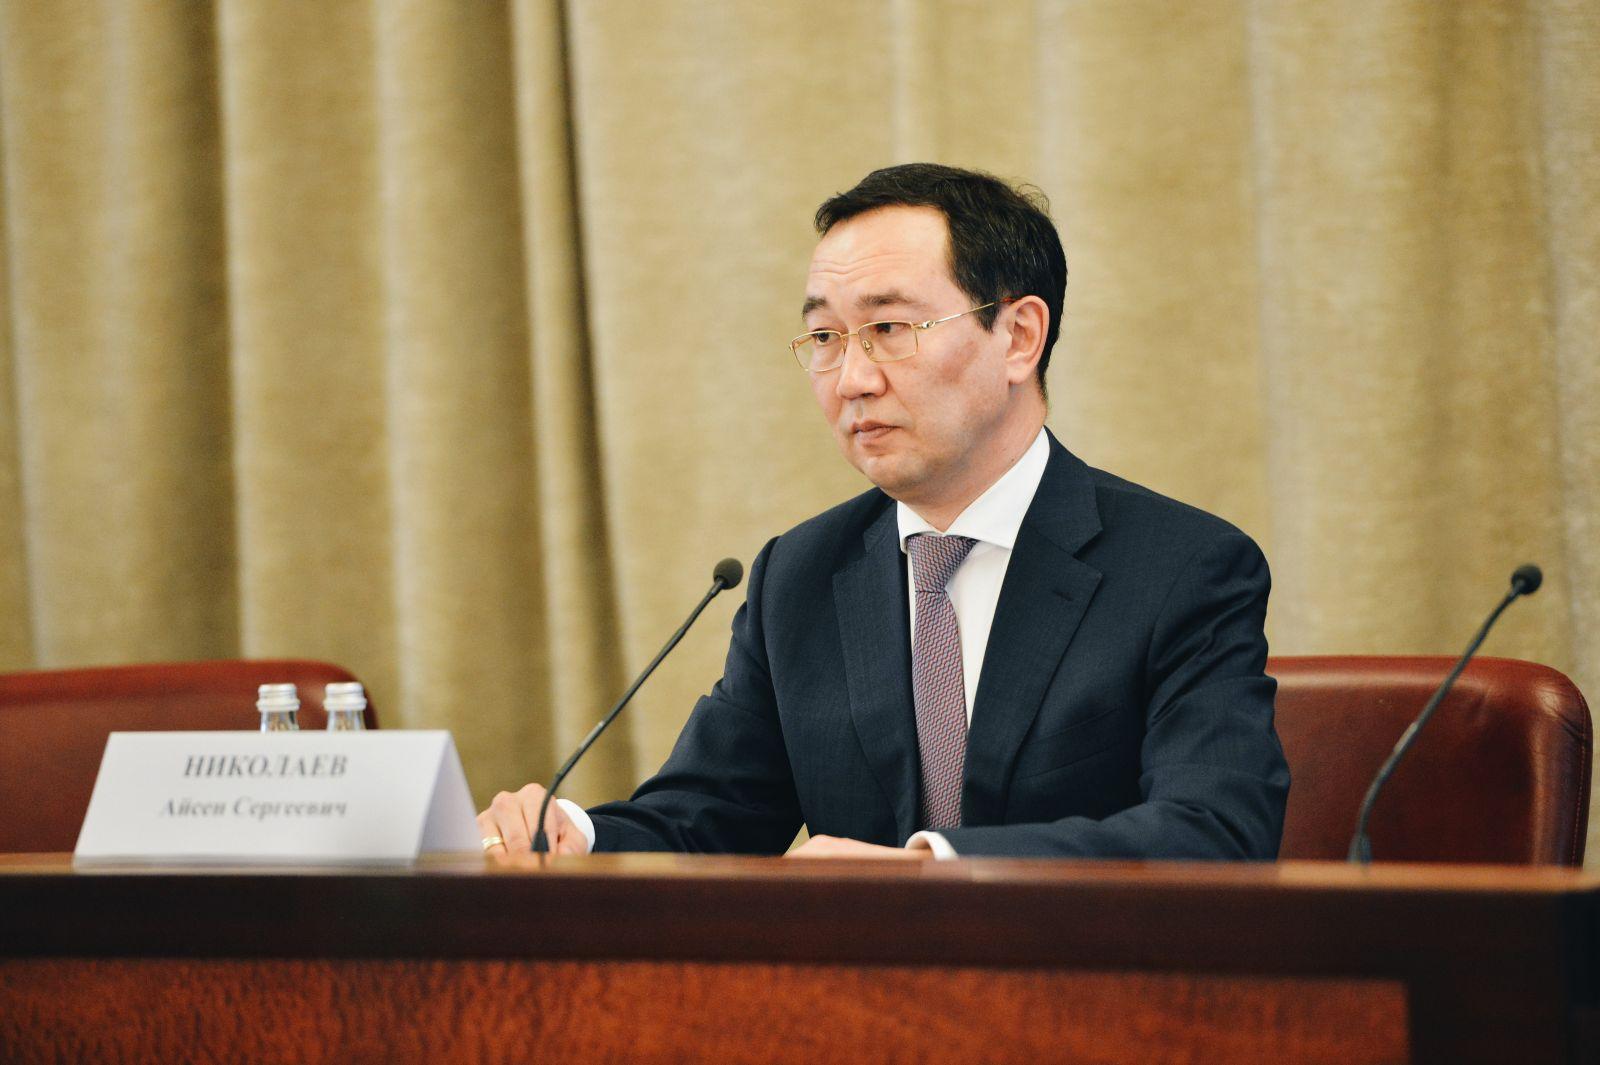 Айсен Николаев возглавил рабочую группу Госсовета РФ по вопросам развития Дальнего Востока